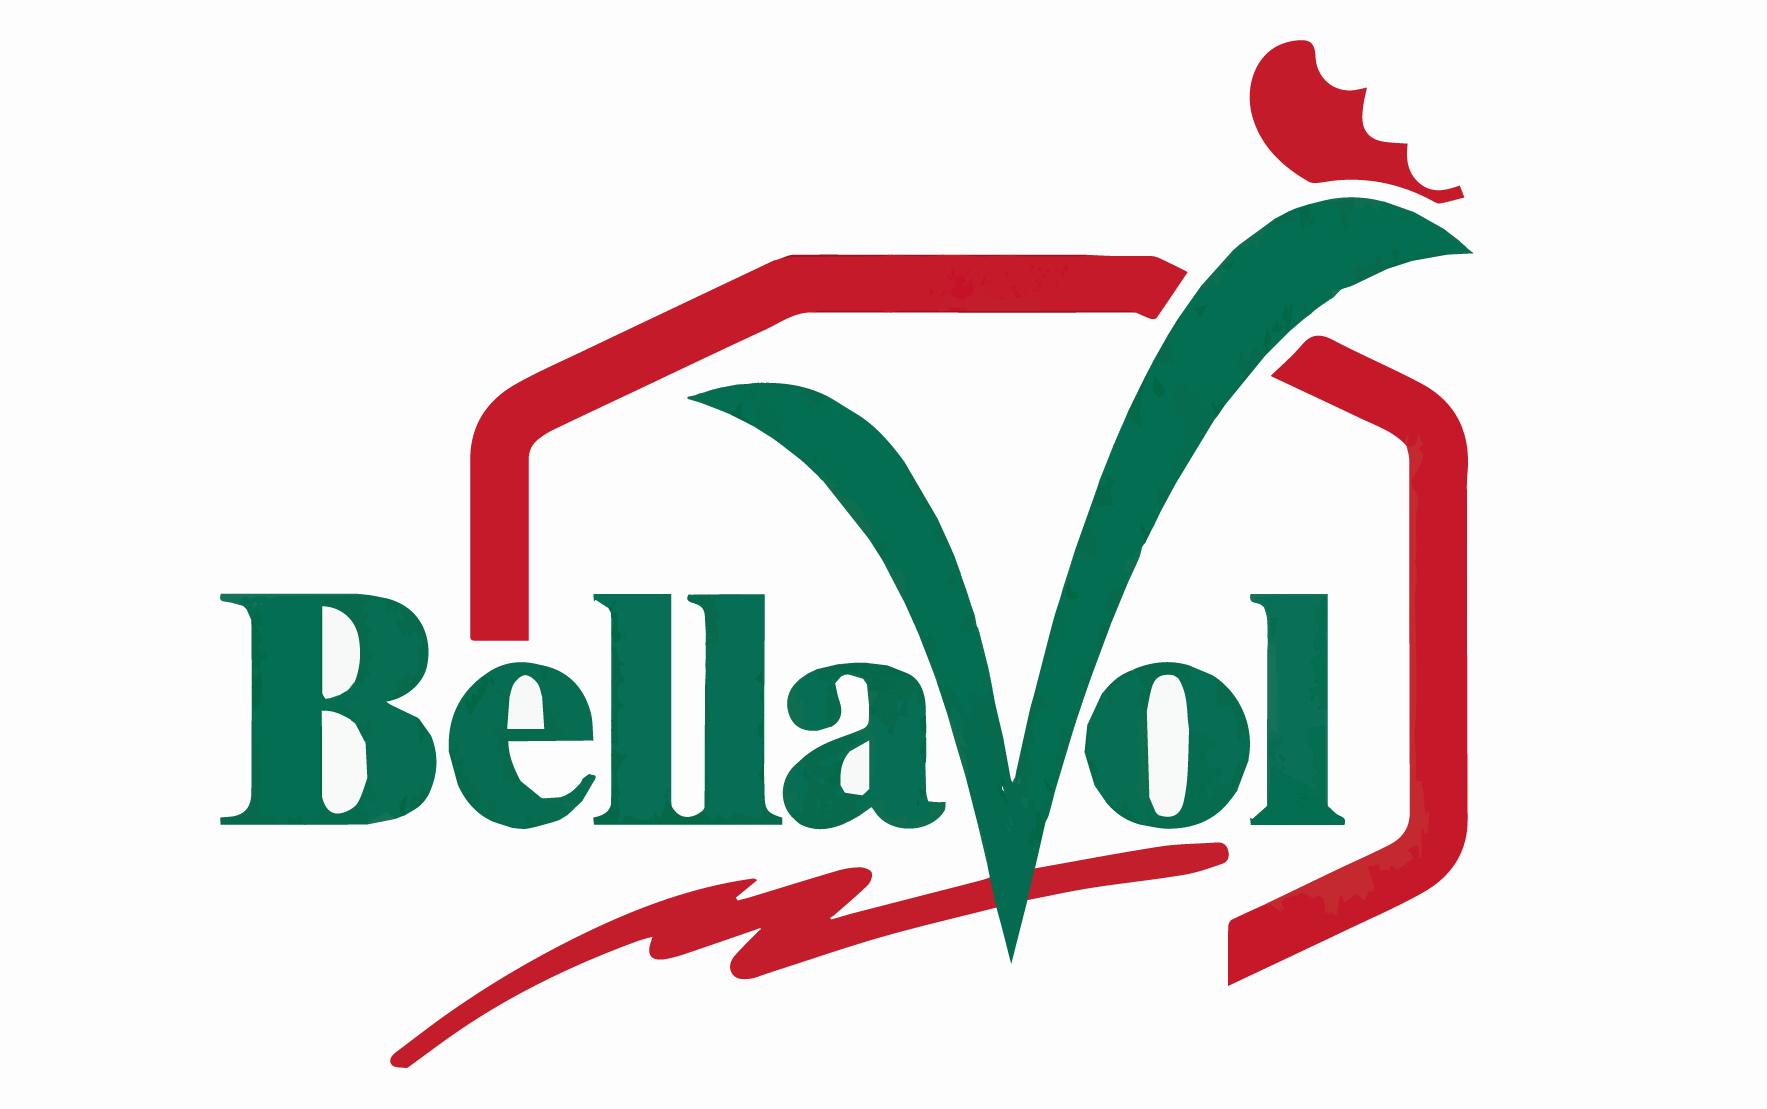 Bellavol